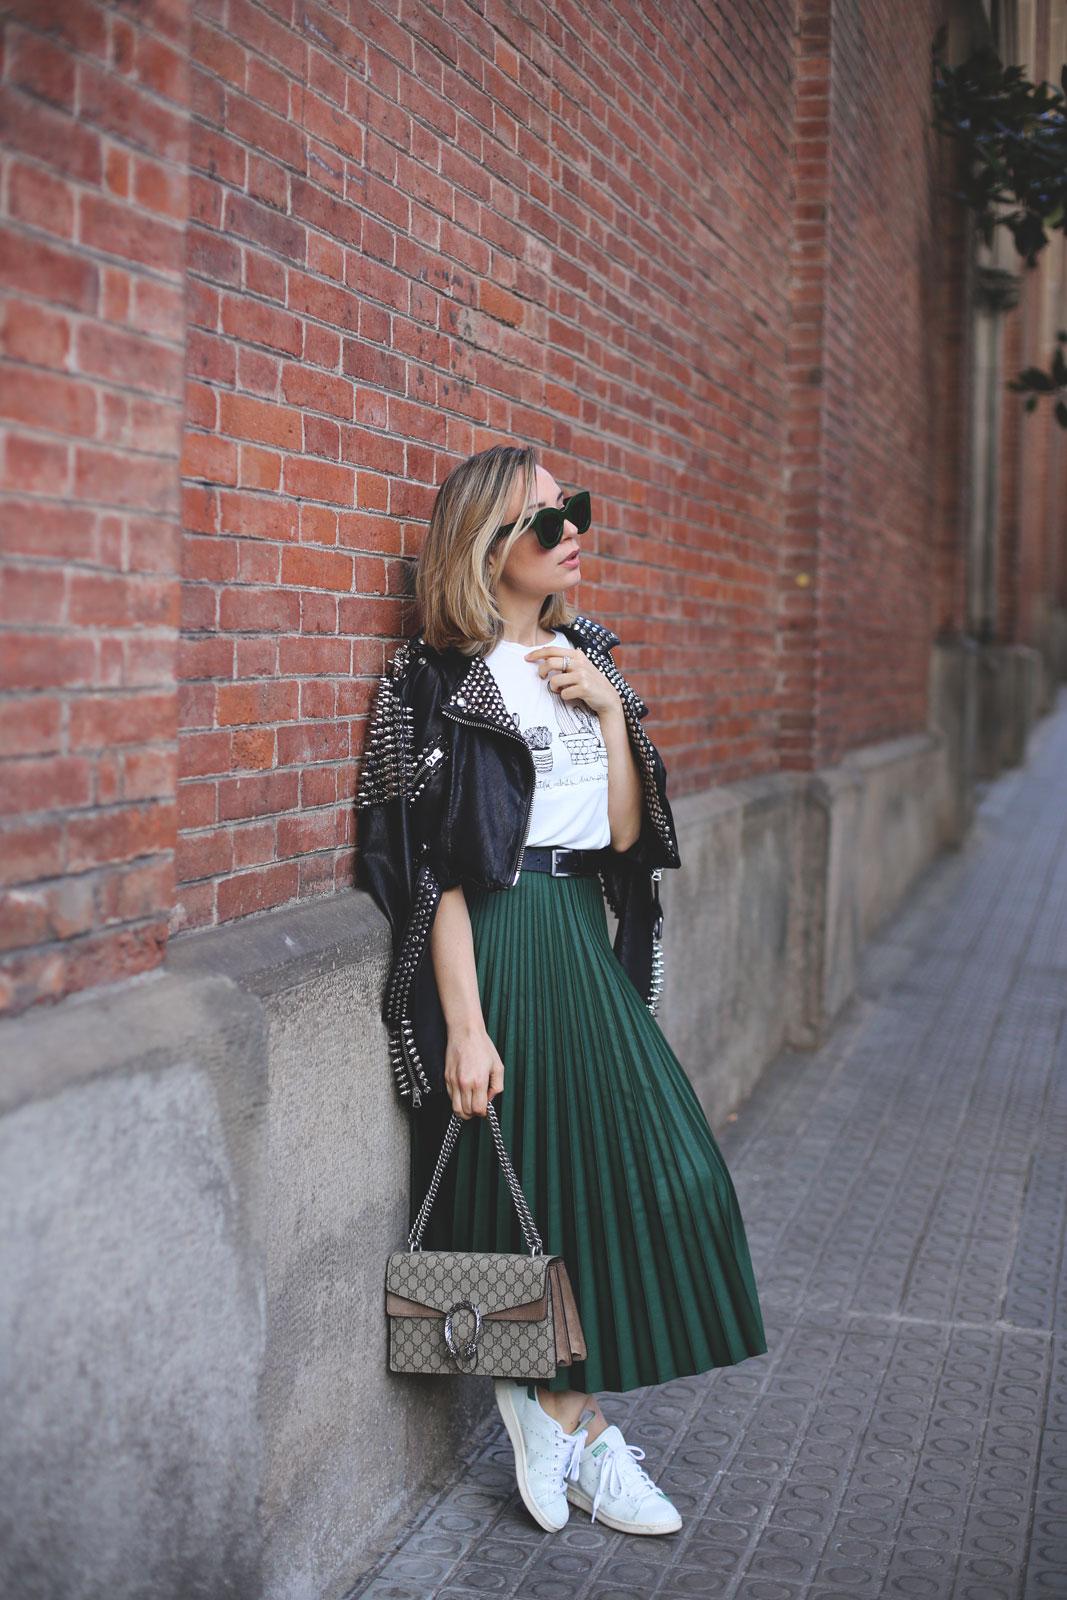 Falda verde plisada con corte midi de tendencia